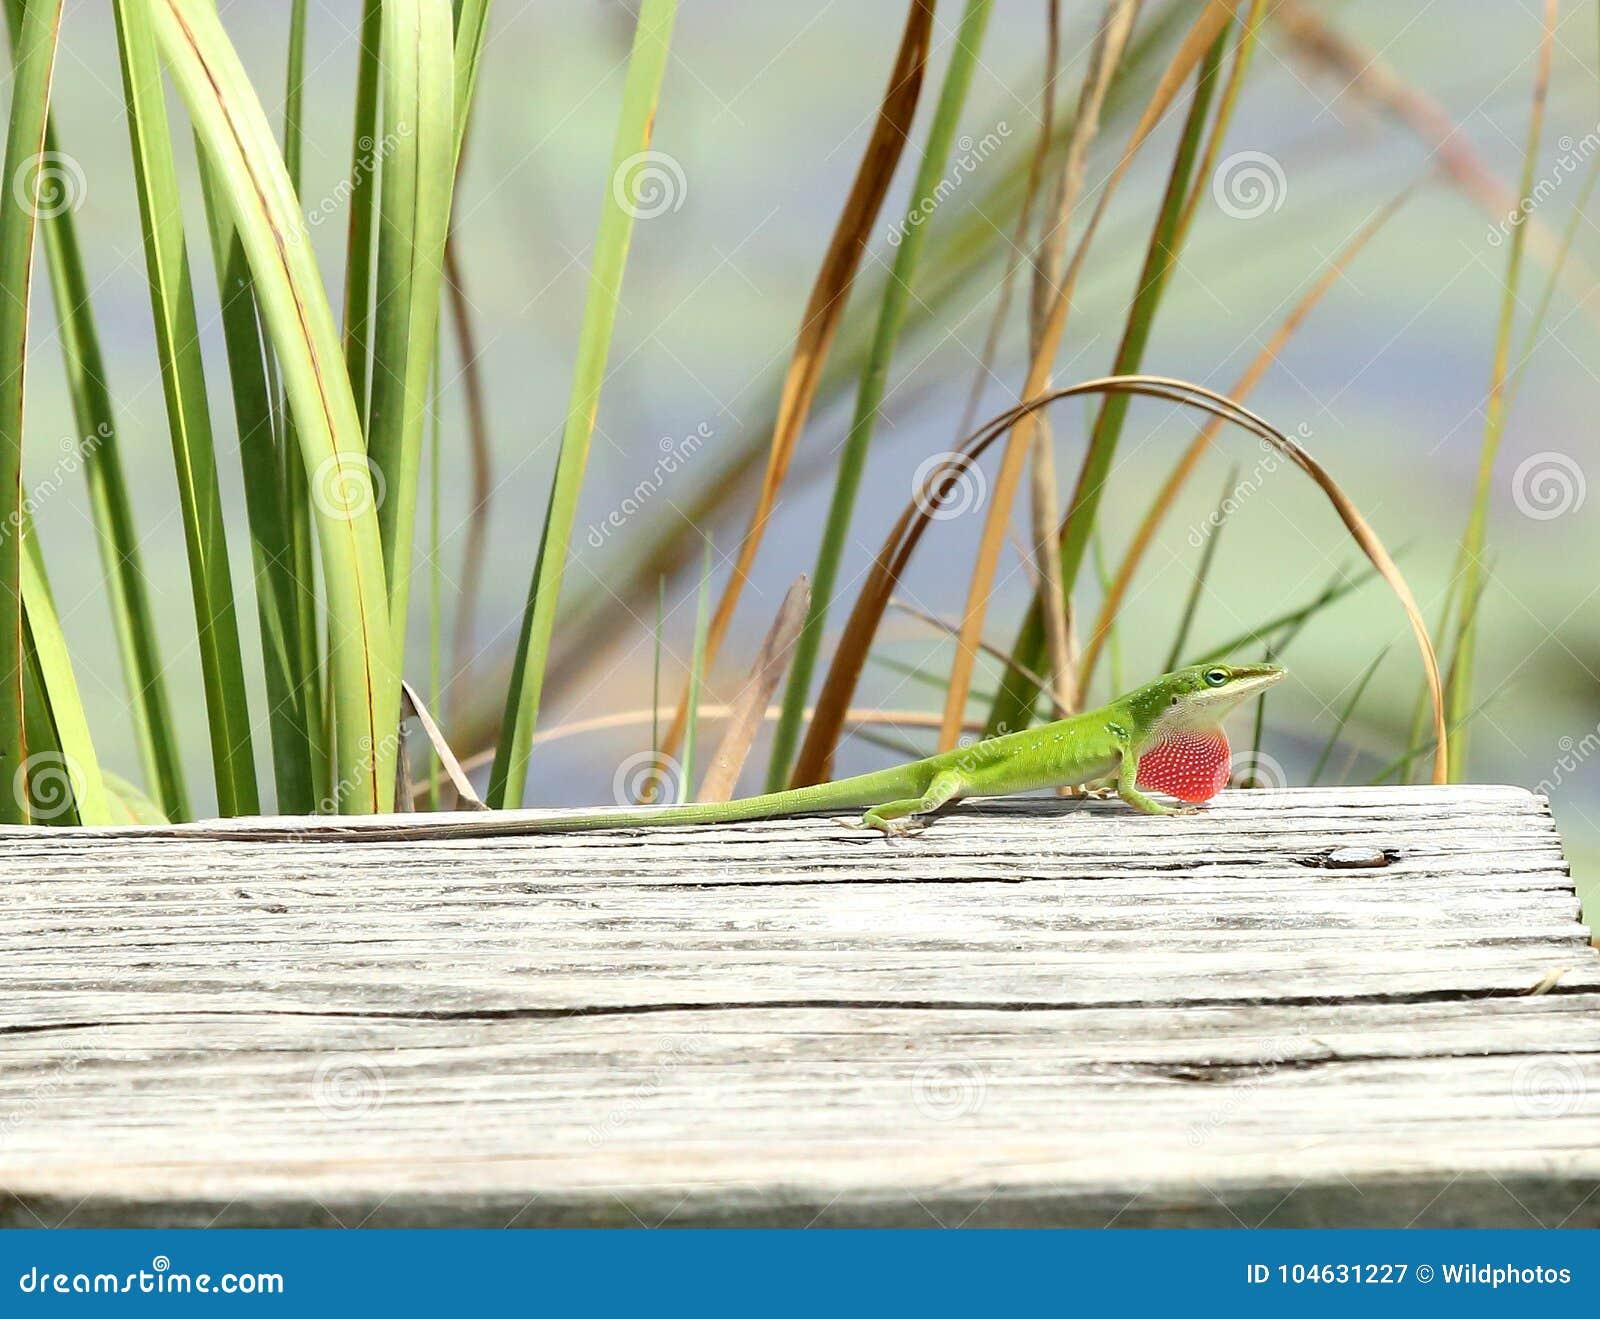 Download Mannelijke Groene Anole stock afbeelding. Afbeelding bestaande uit schepsel - 104631227